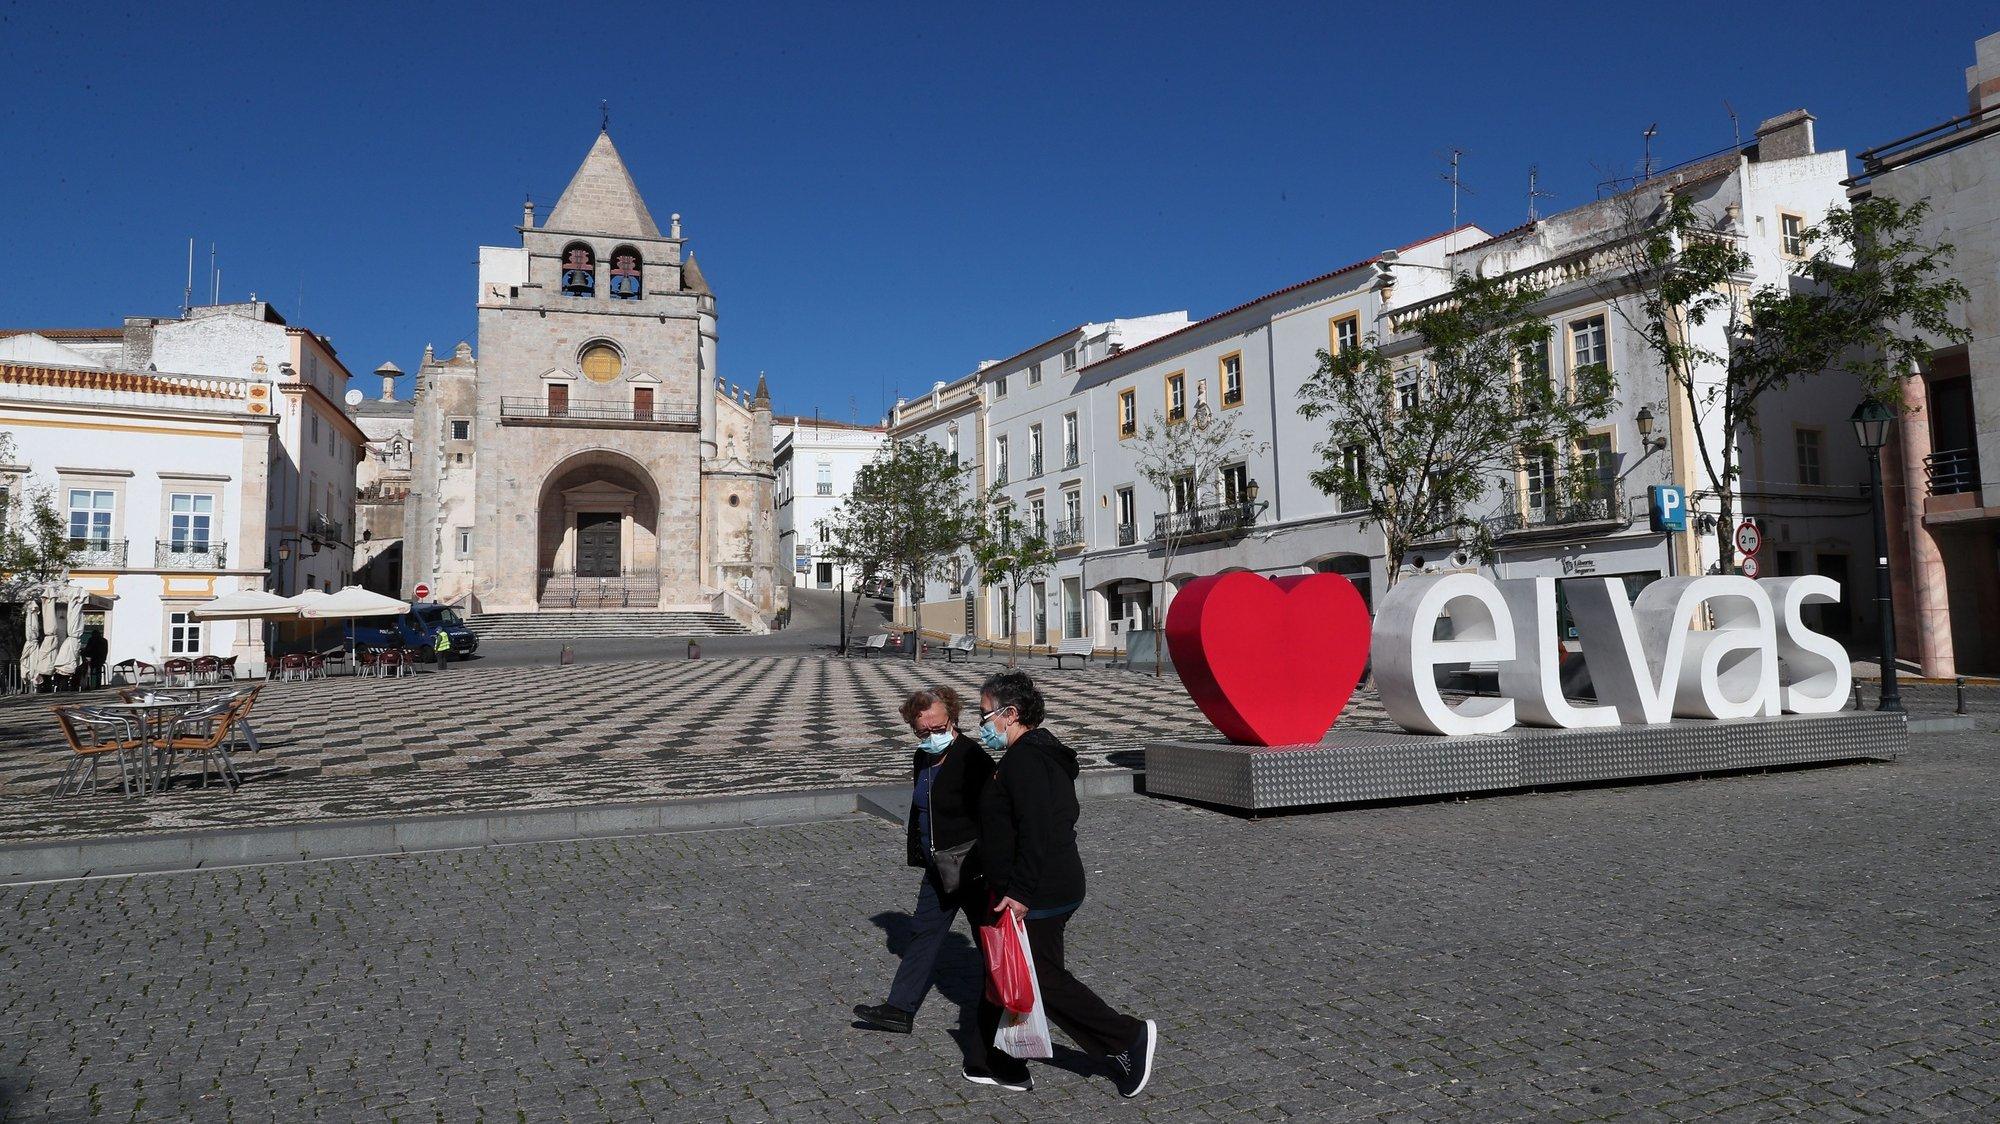 """Duas elvenses circulam na Praça da República, o coração do centro histórico de Elvas, habitualmente muito frequentada por turistas que agora praticamente desapareceram, Elvas, 20 de novembro de 2020. O comércio nesta cidade raiana passa por momentos difíceis devido à pandemia da covid-19, os clientes espanhóis """"evaporaram"""" e sem """"Badajoz à vista"""" podem vir a surgir encerramentos de espaços comerciais nos próximos meses. (ACOMPANHA TEXTO DE 21/11/2020). NUNO VEIGA/LUSA"""